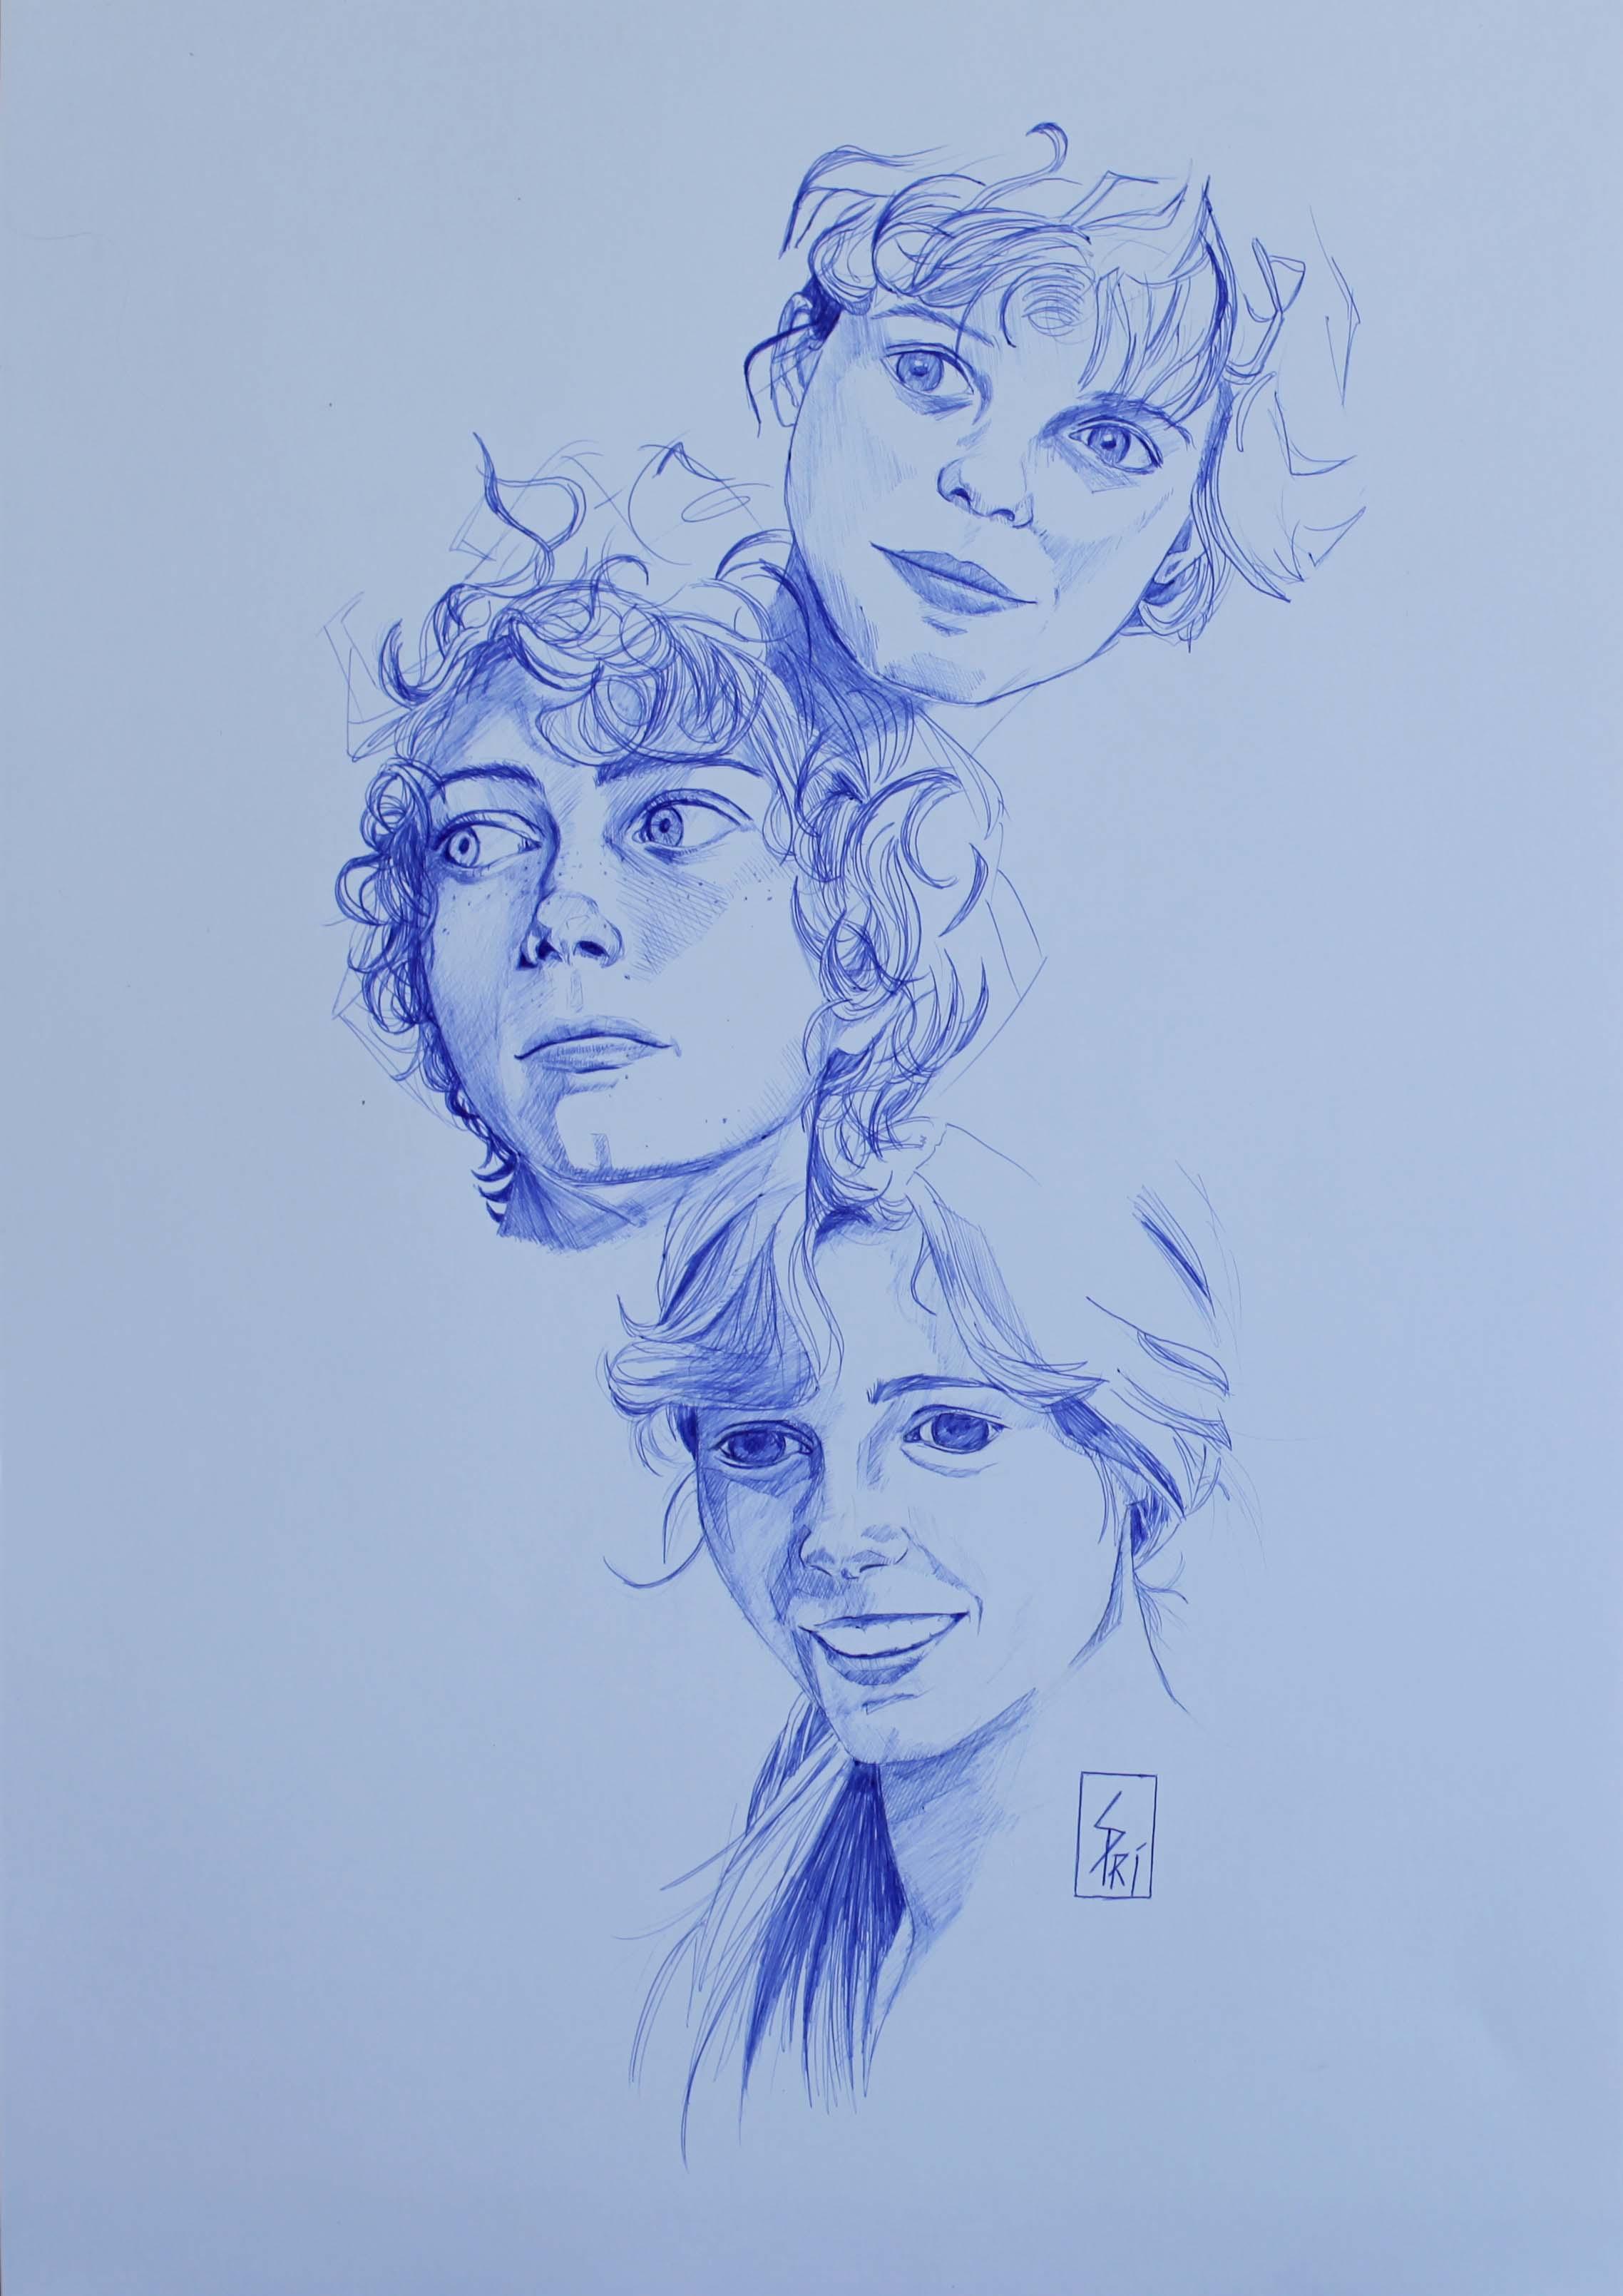 Portraits au stylo dessinés par Priscilla Seiller, S.Pri, artiste-peintre